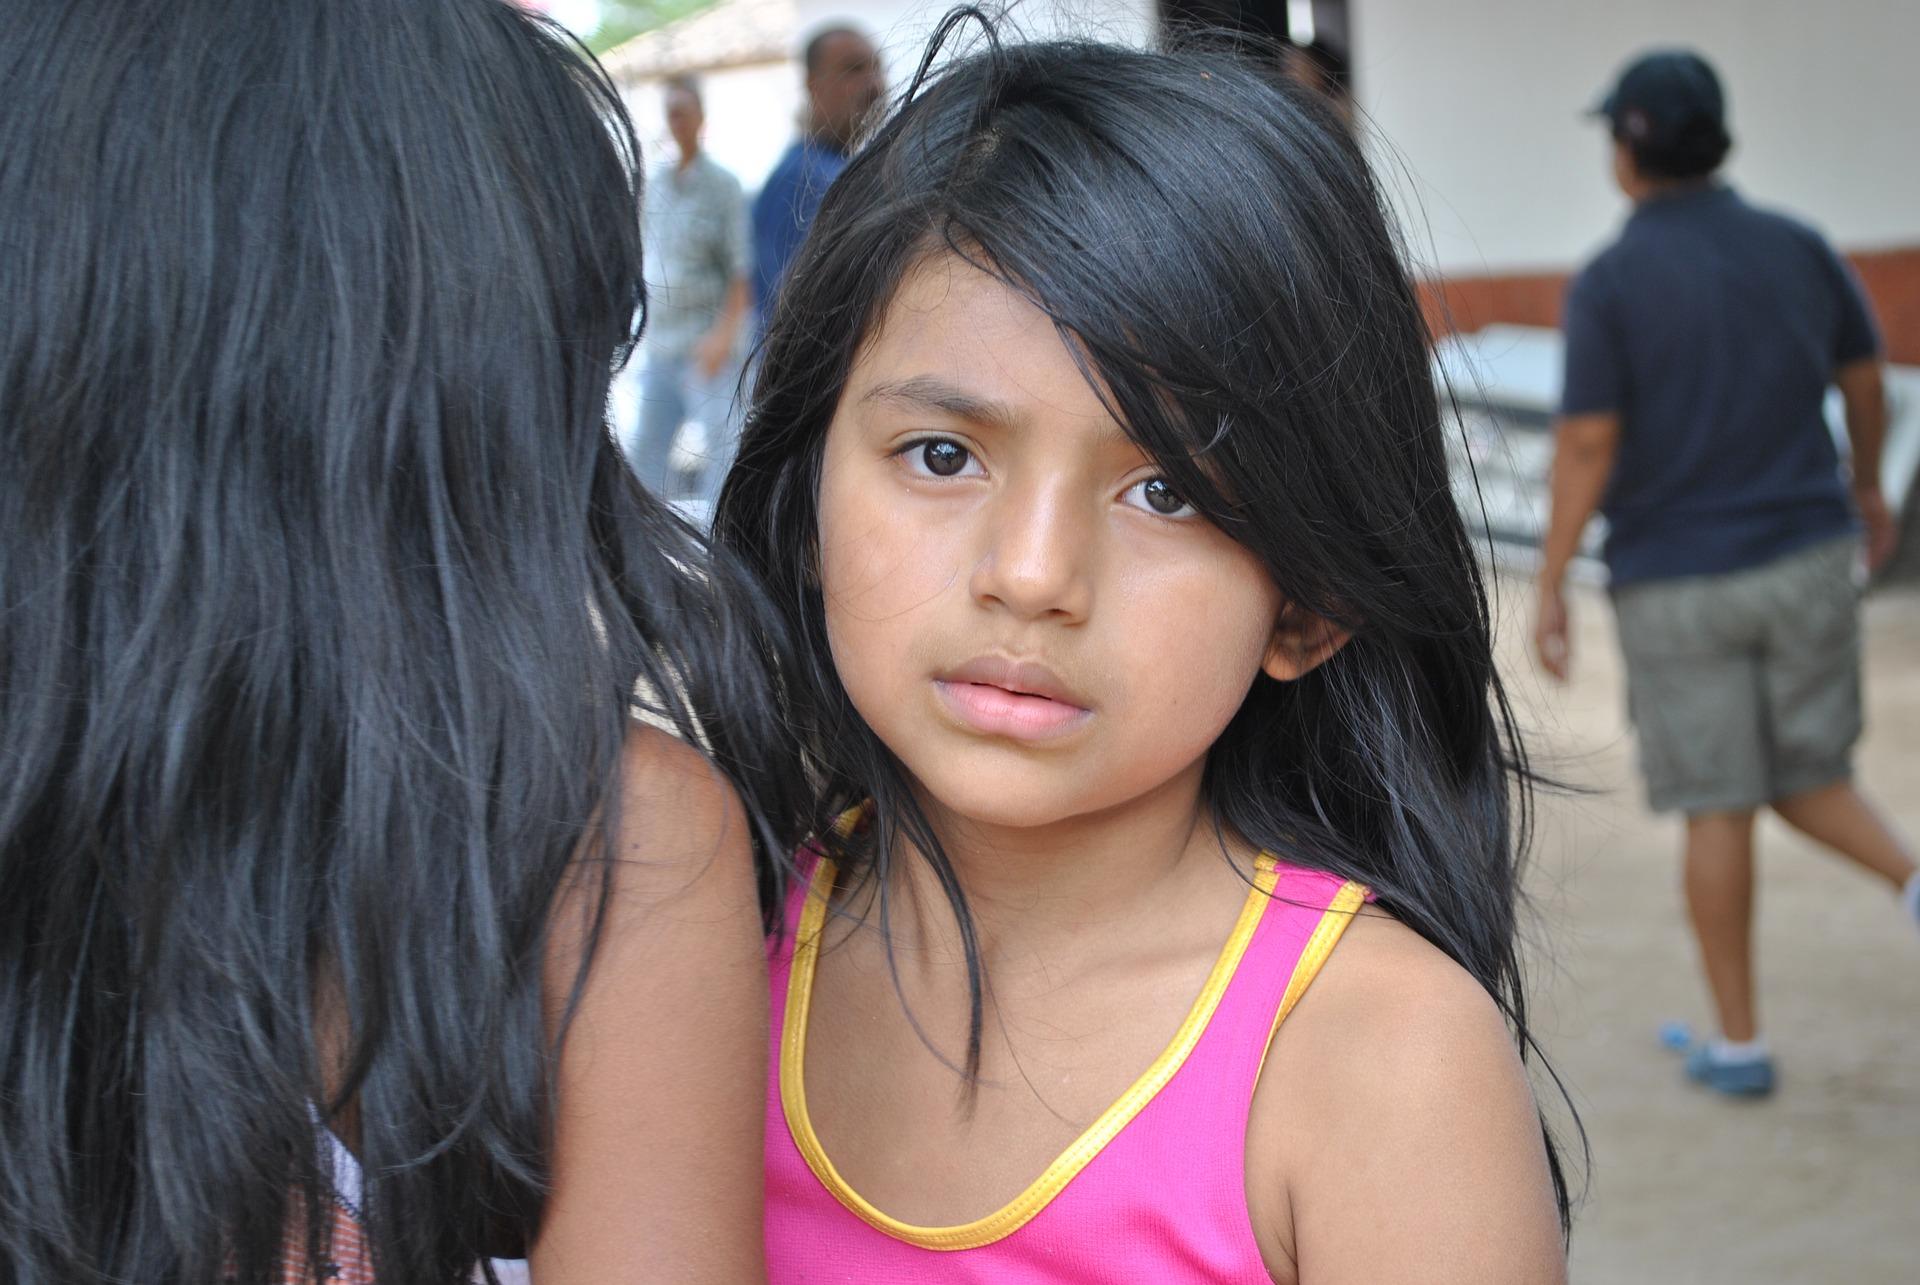 Niños de Latinoamérica entregan a la CorteIDH claves sobre derechos humanos